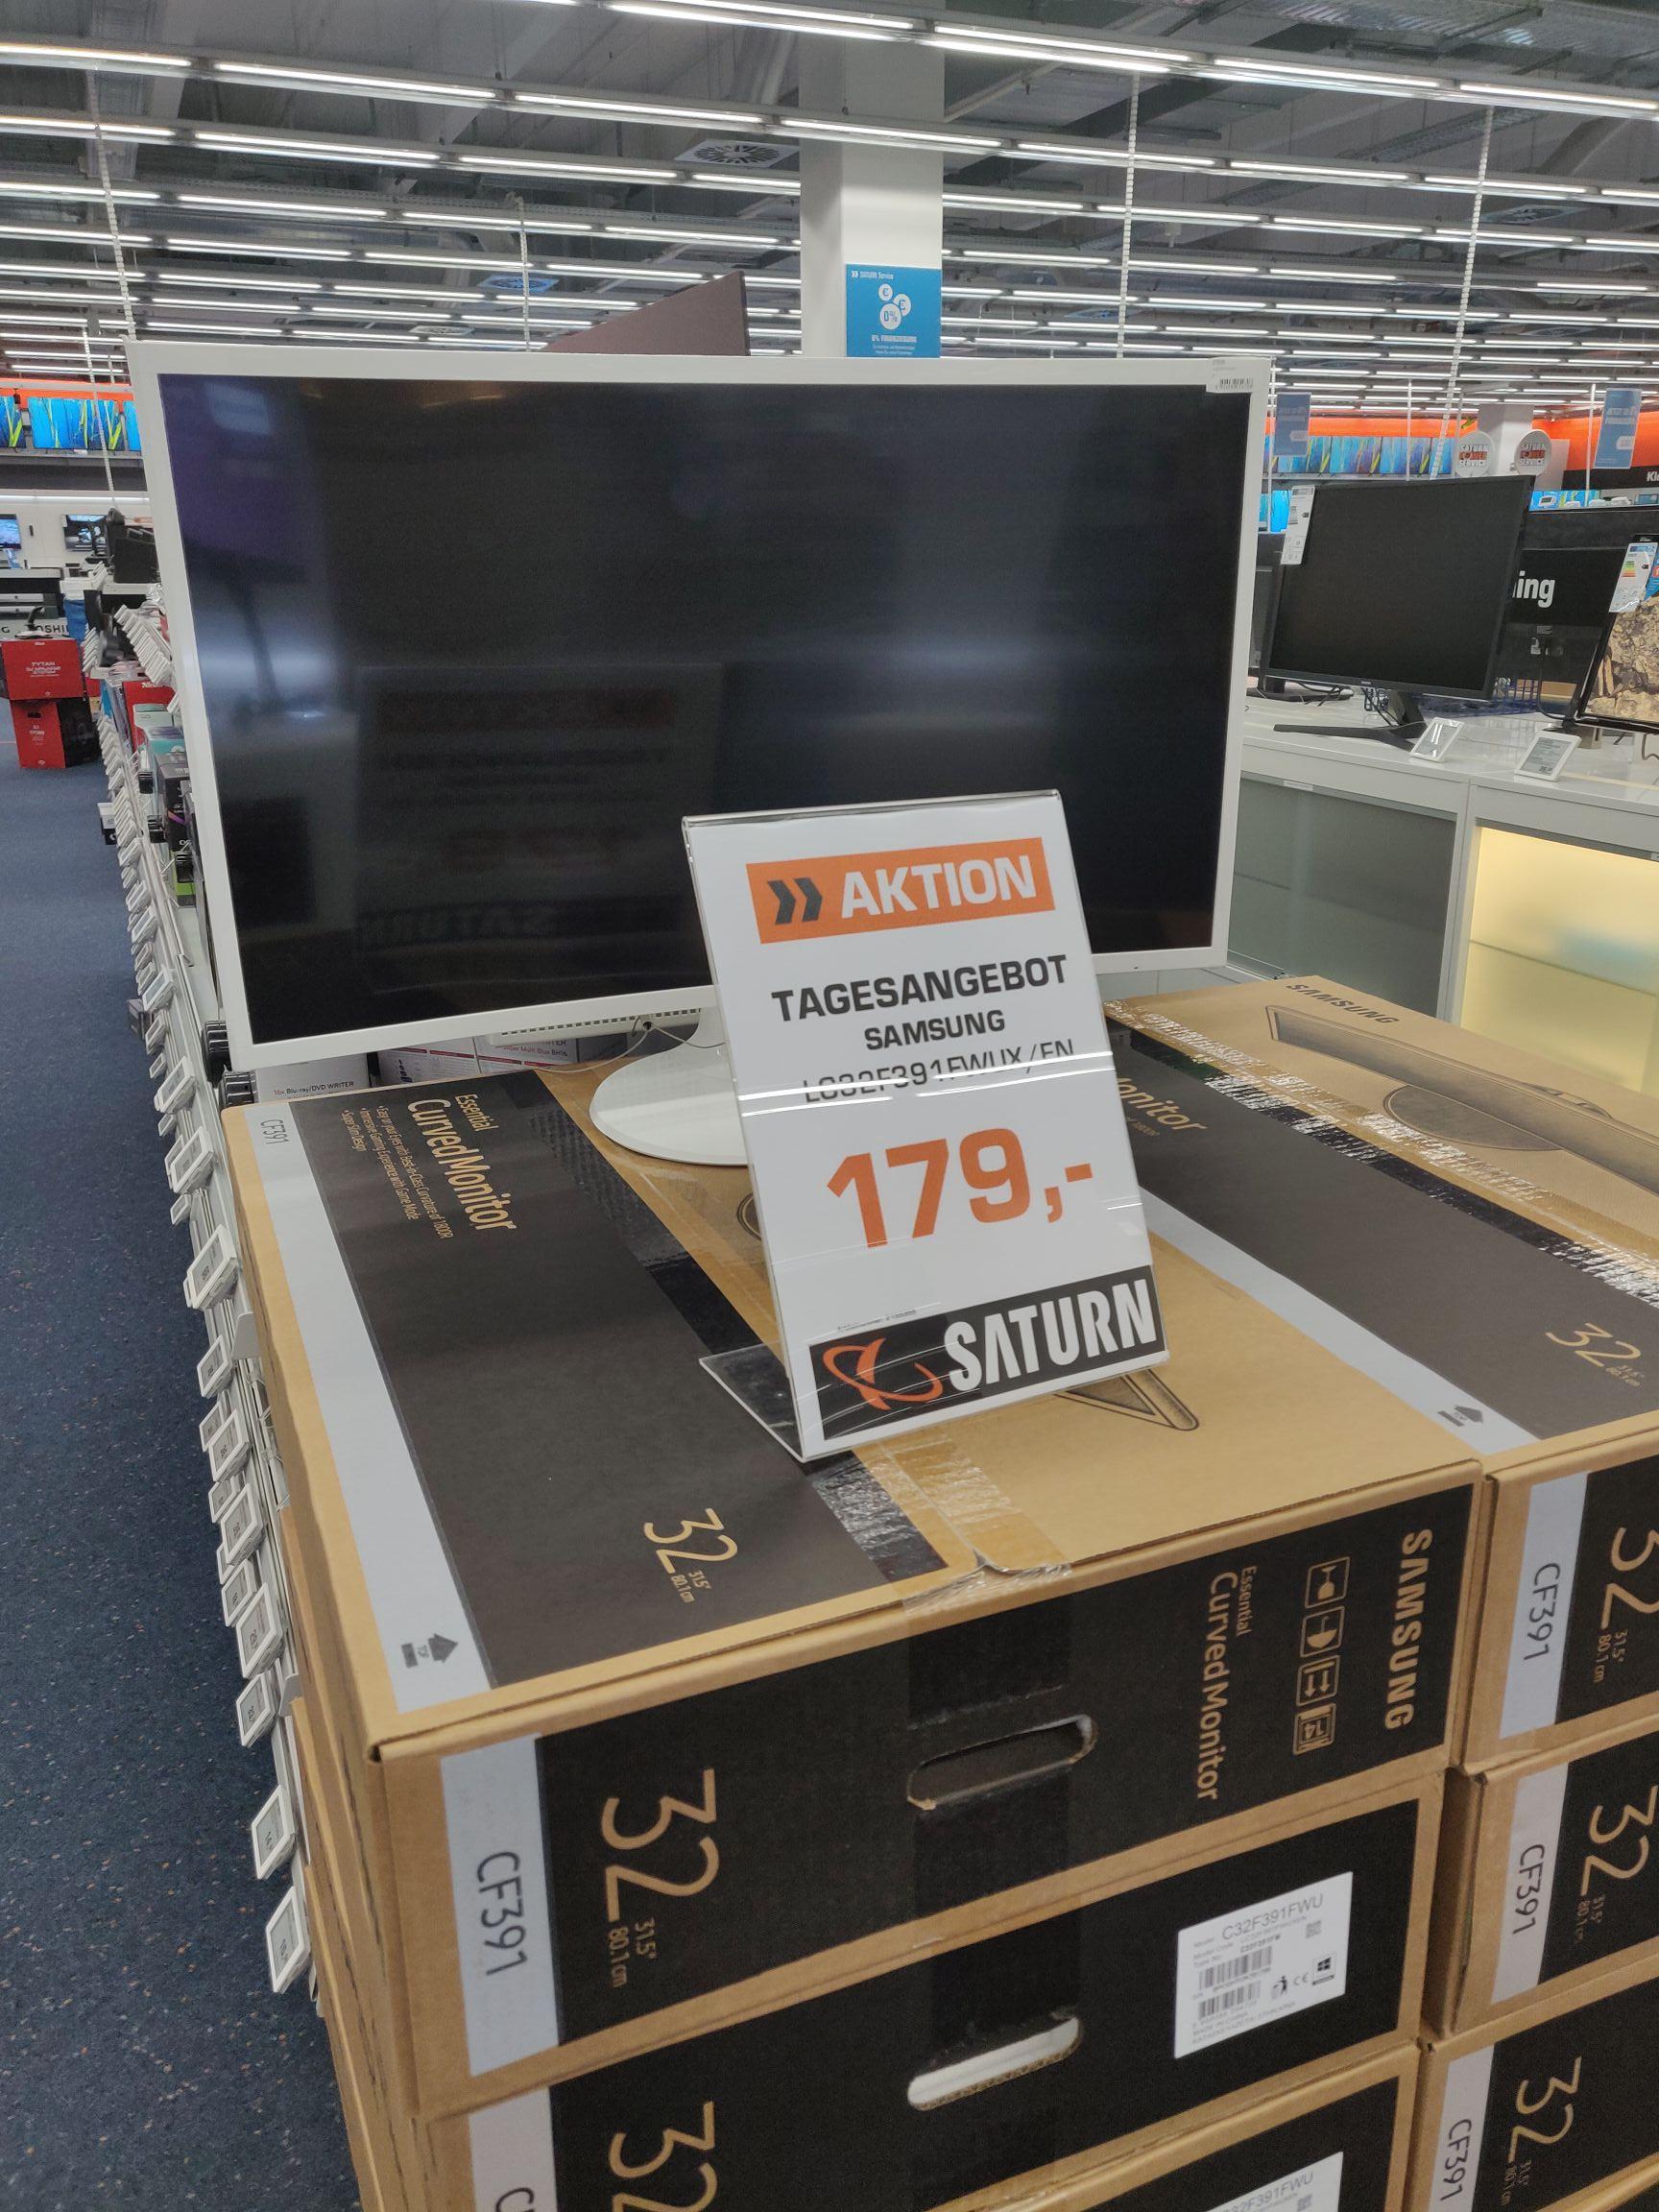 Samsung Monitor LC32F391 bei Saturn Weiterstadt!